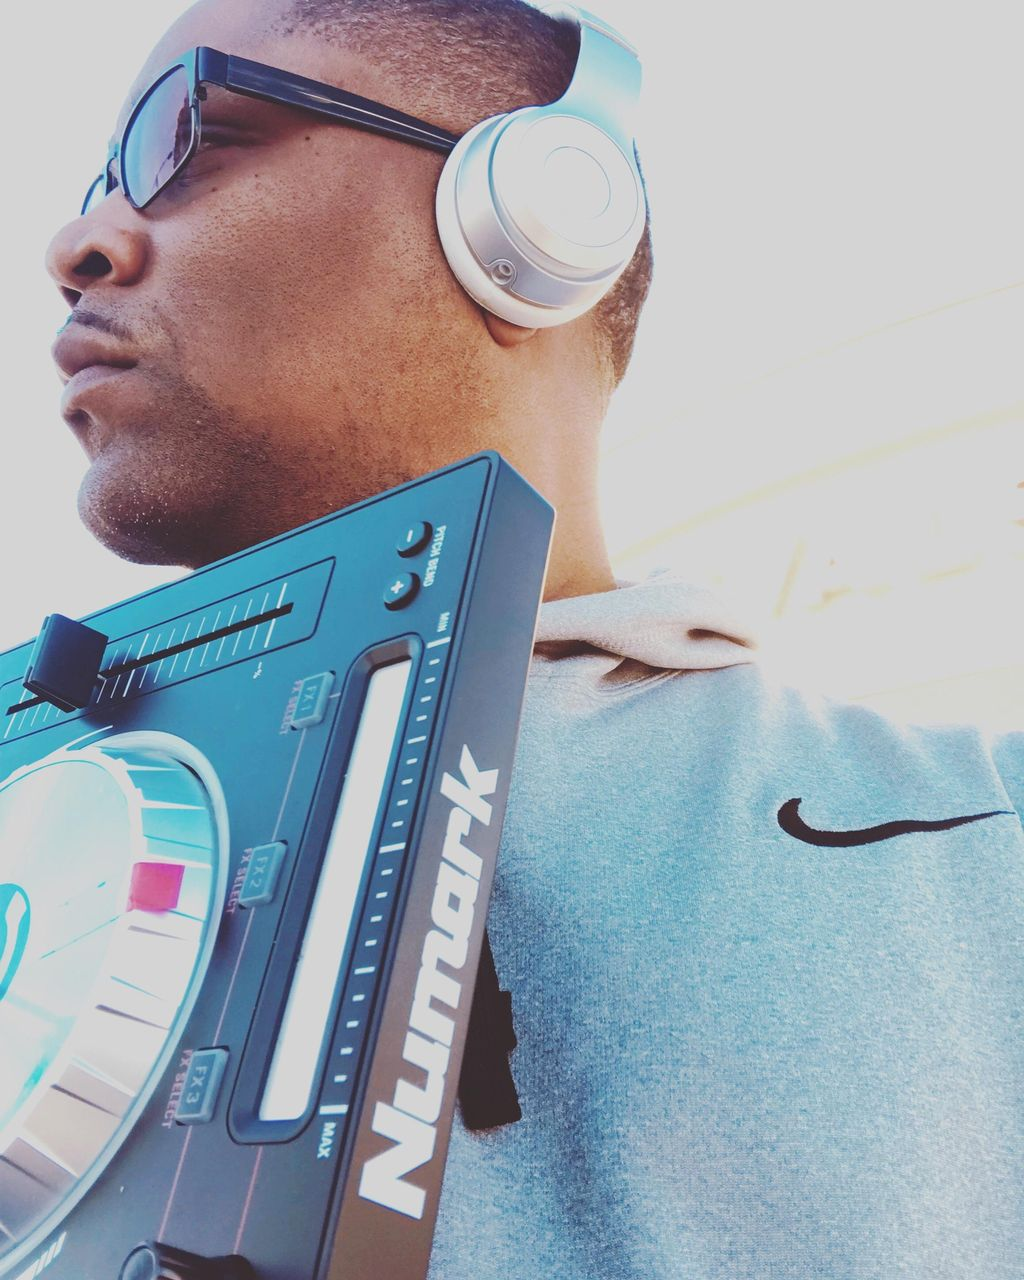 DJ JayBee